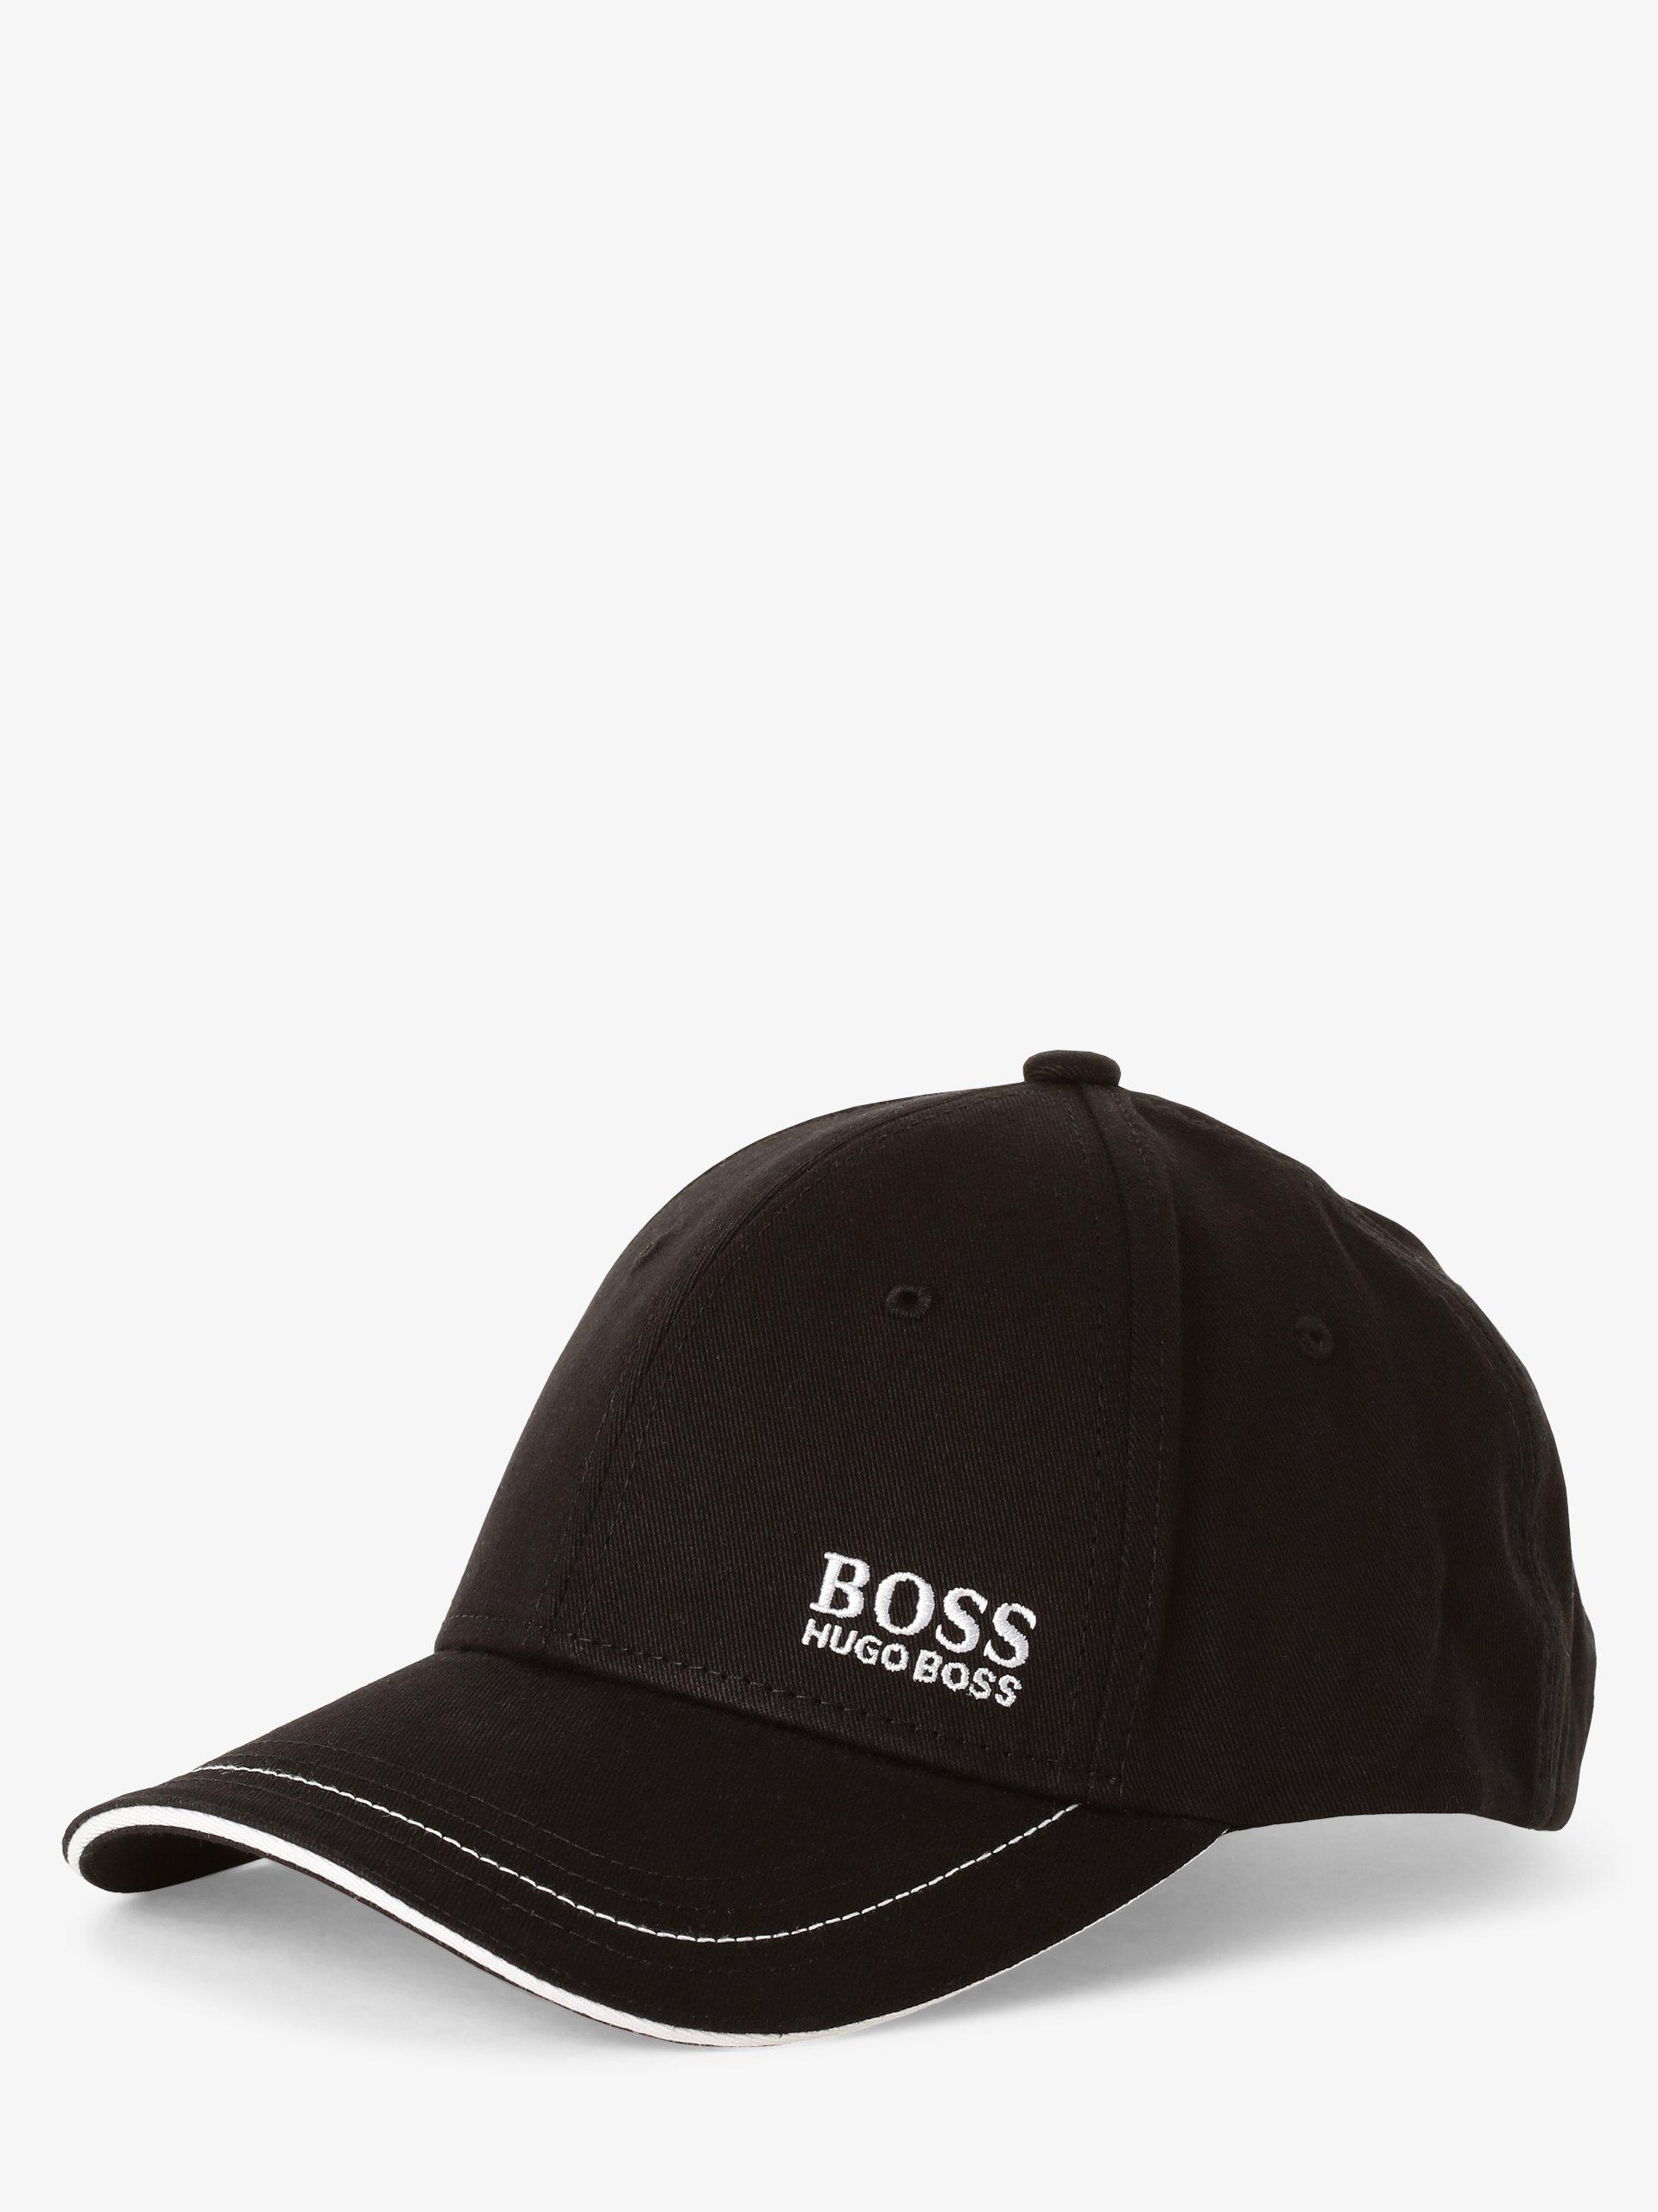 BOSS Athleisure Męska czapka z daszkiem